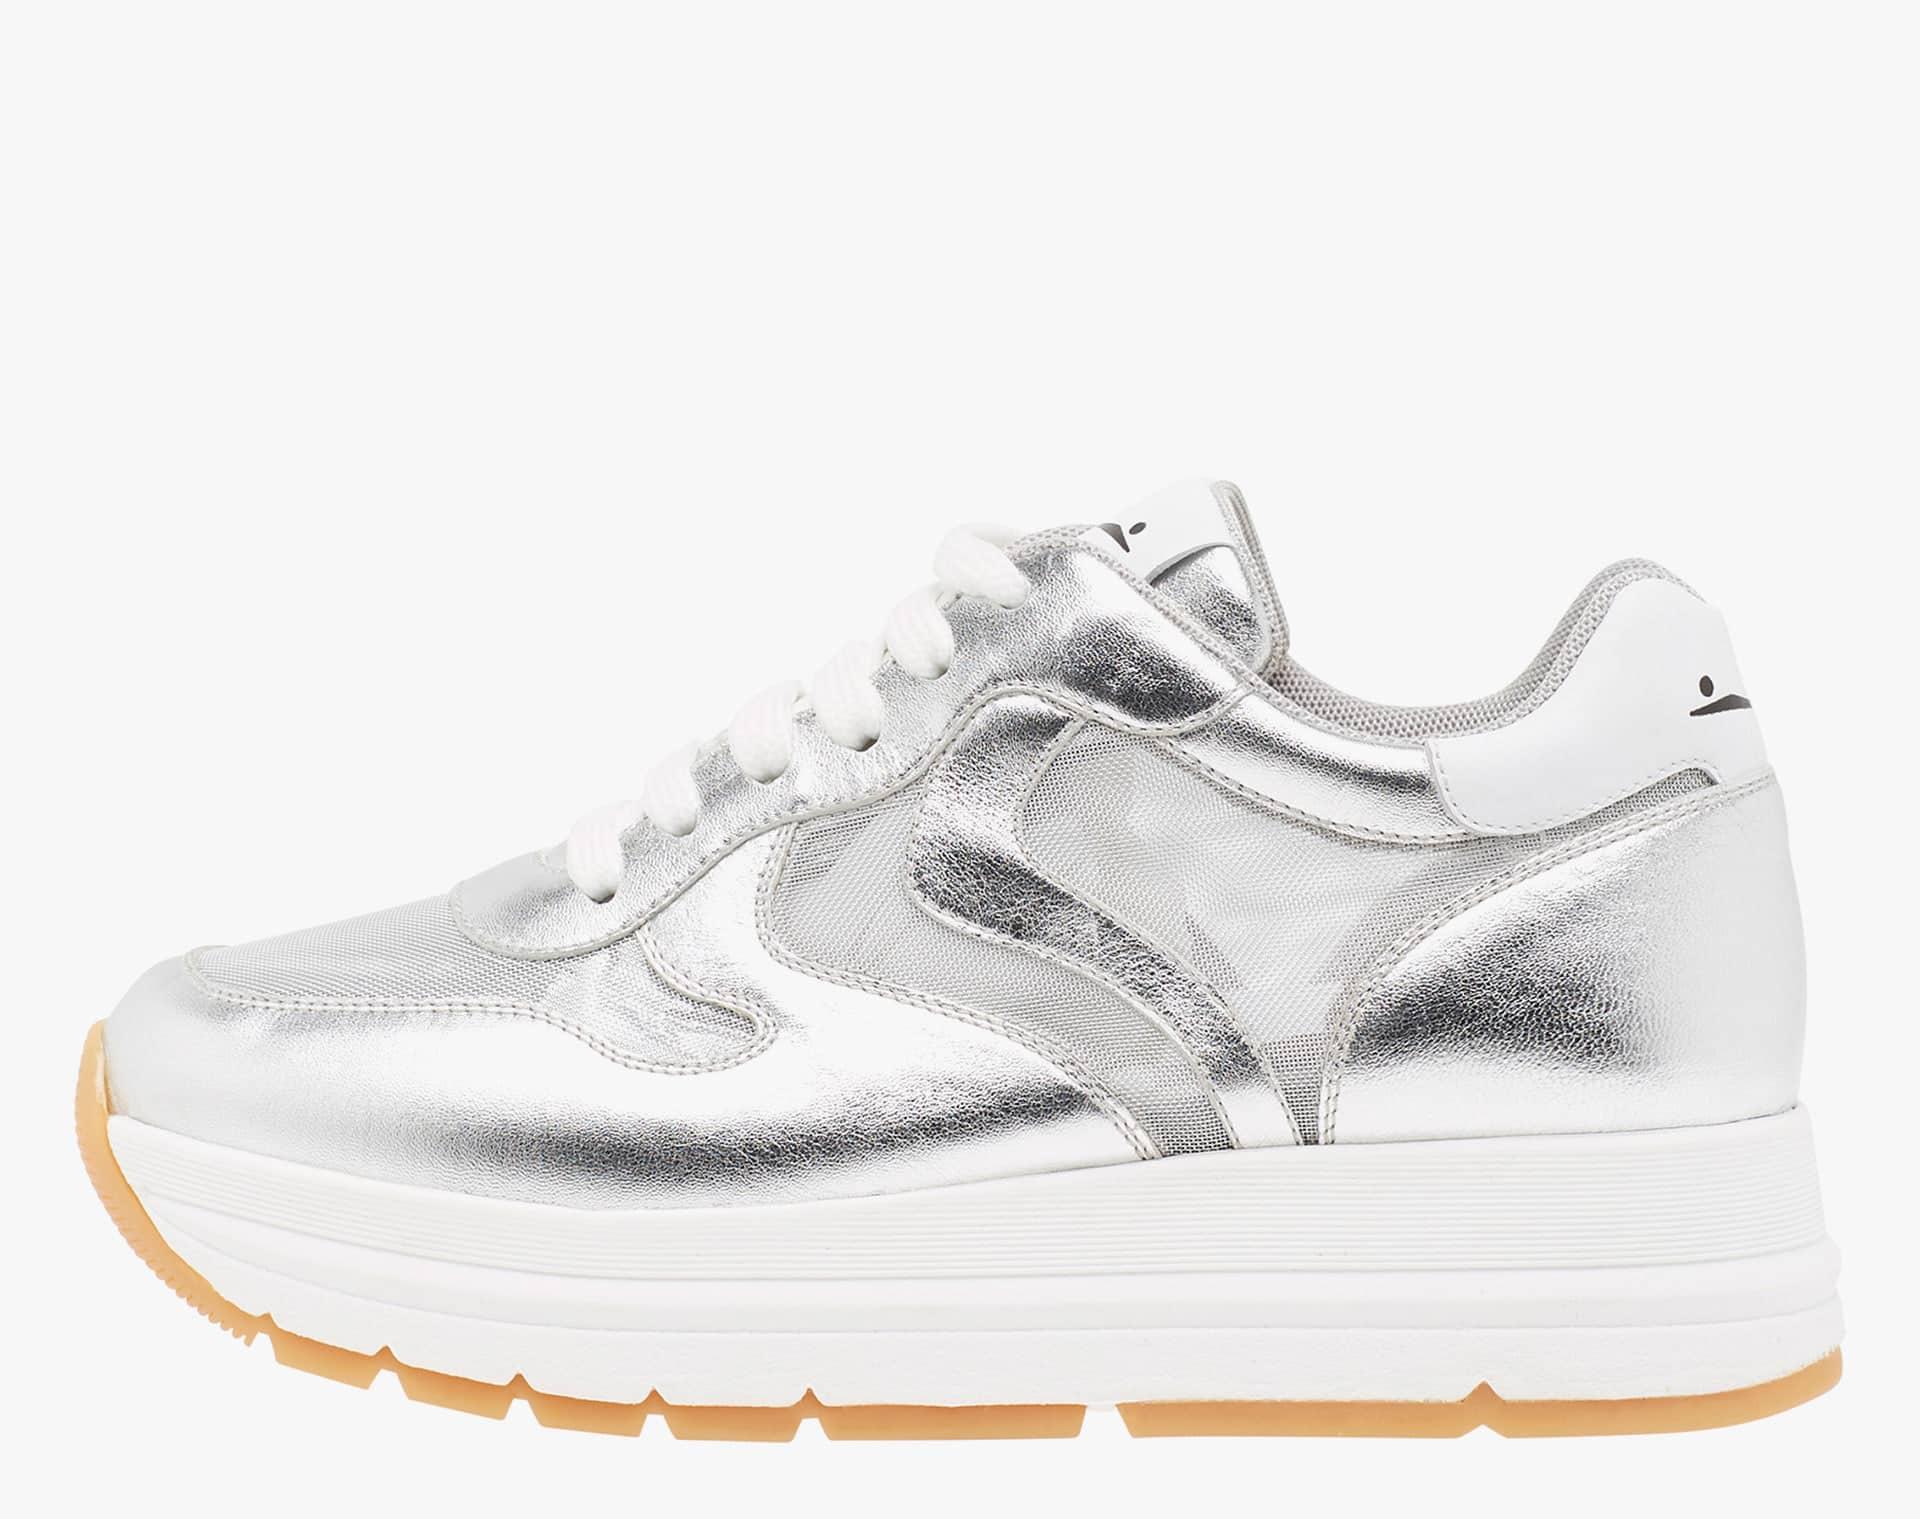 MARAN MESH - Sneaker in nappa laminata e micro rete - Argento